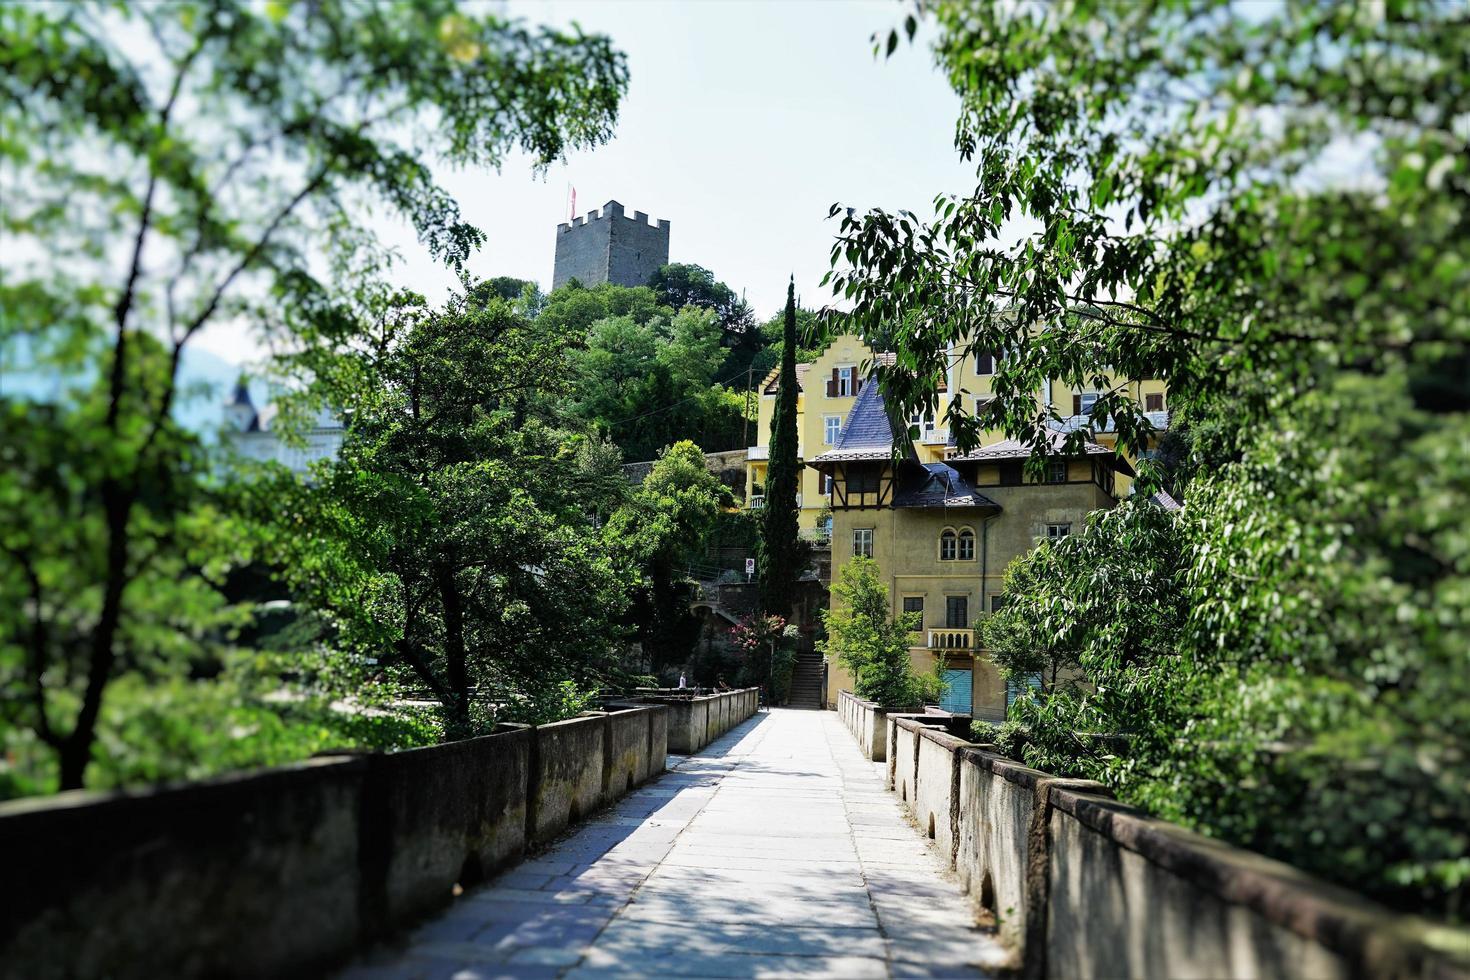 Stone bridge in Meran photo